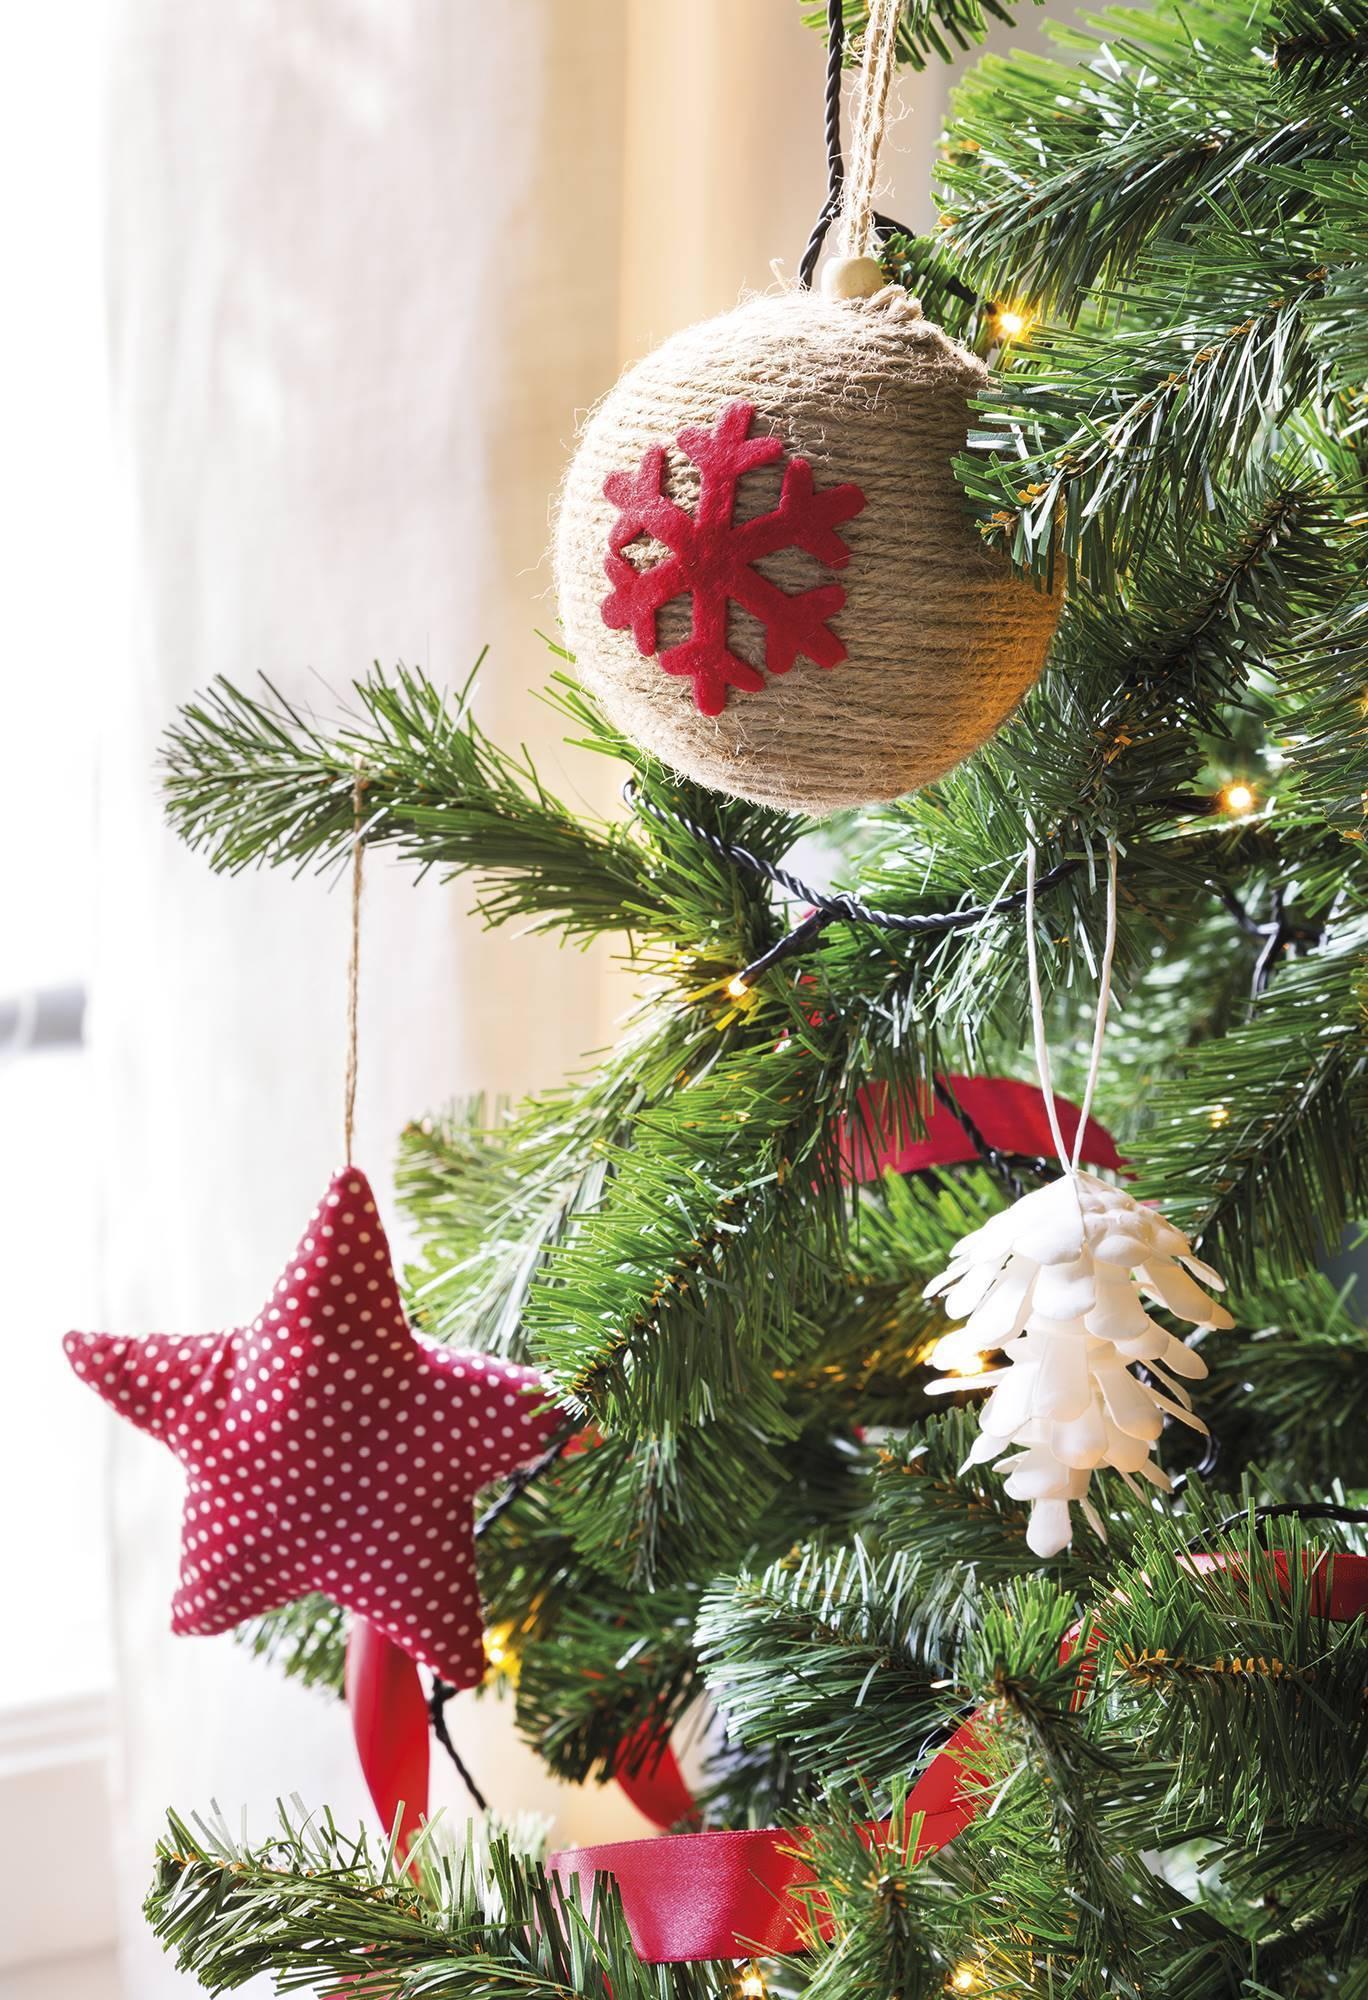 Căn nhà bừng sáng lung linh mùa Giáng sinh nhờ khéo mix đồ trang trí - Ảnh 2.